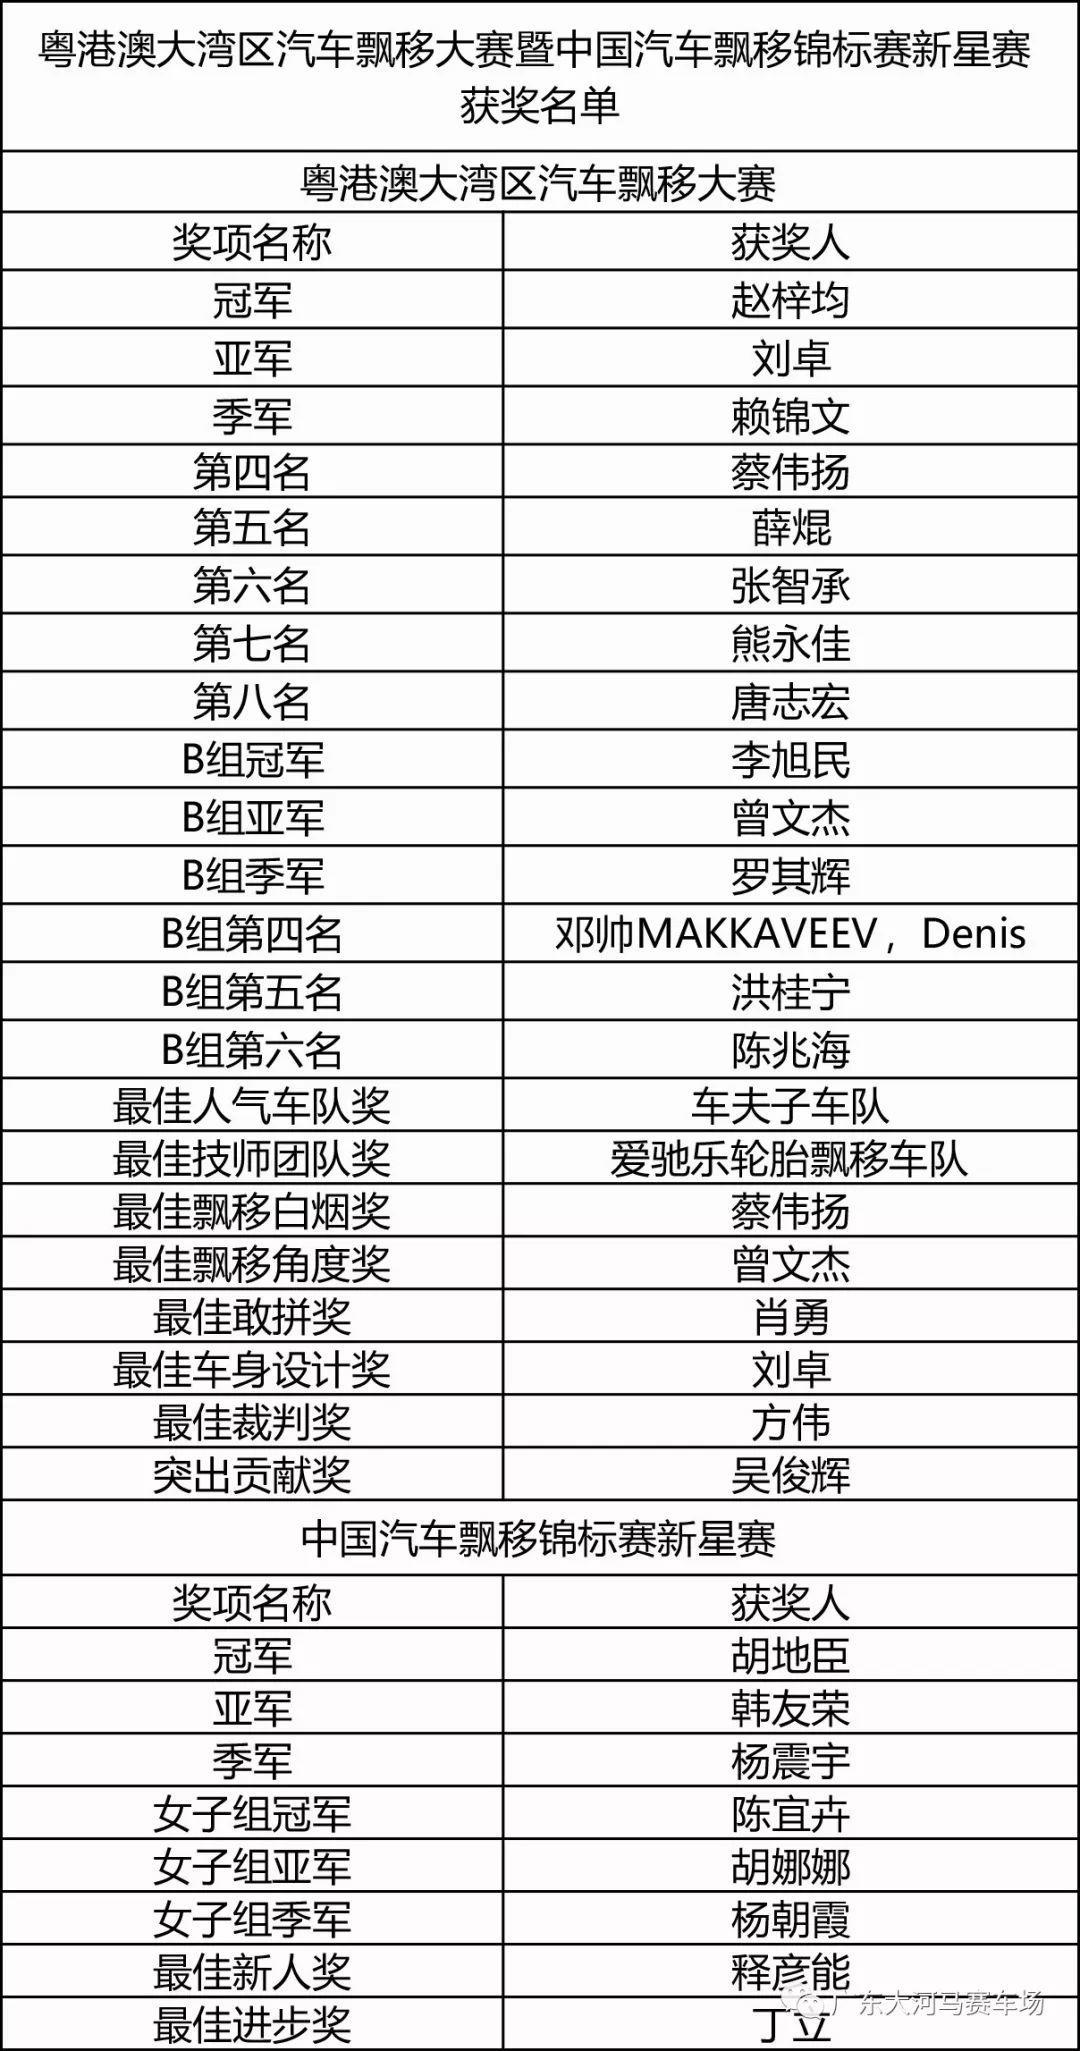 2018粤港澳大湾区赛车嘉年华圆满收官